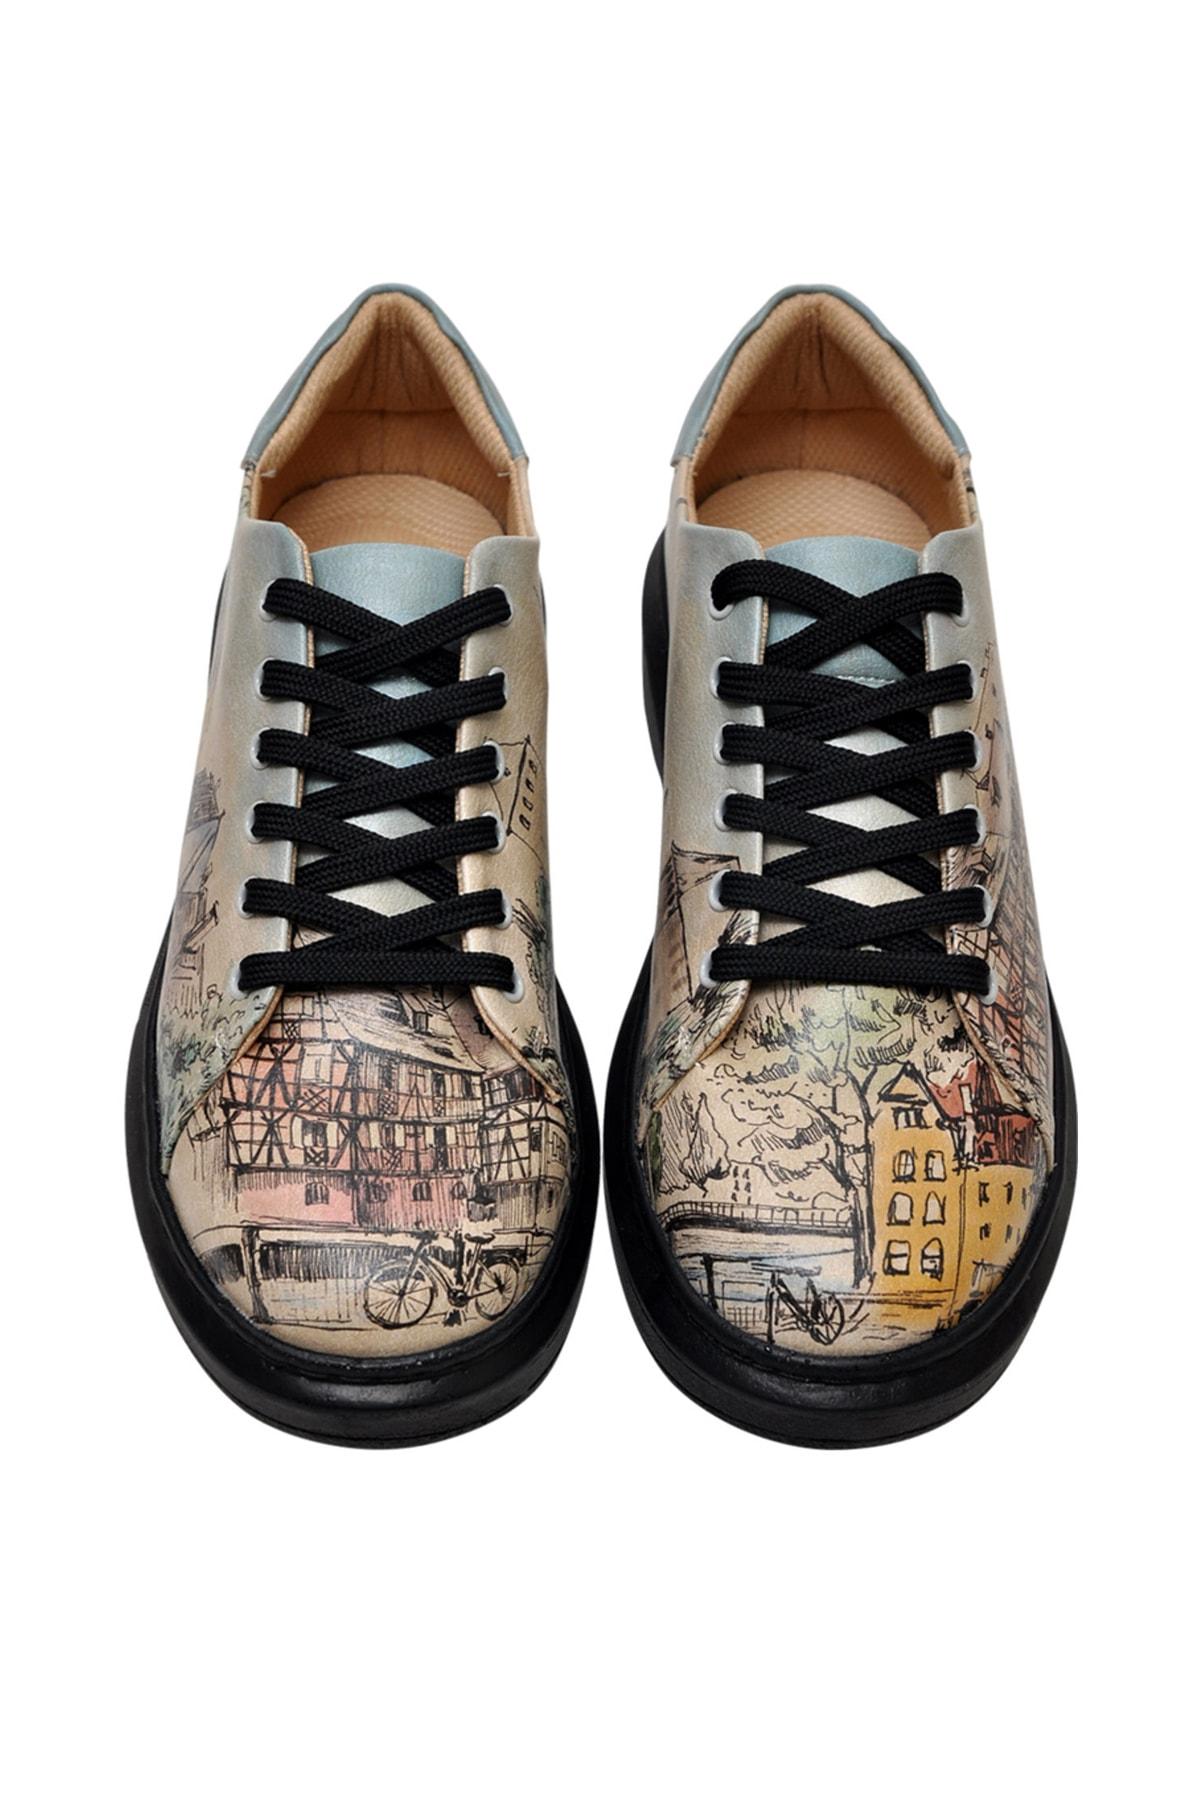 Dogo Multi Kadın Oxford Ayakkabı 1DGOW2020016 1